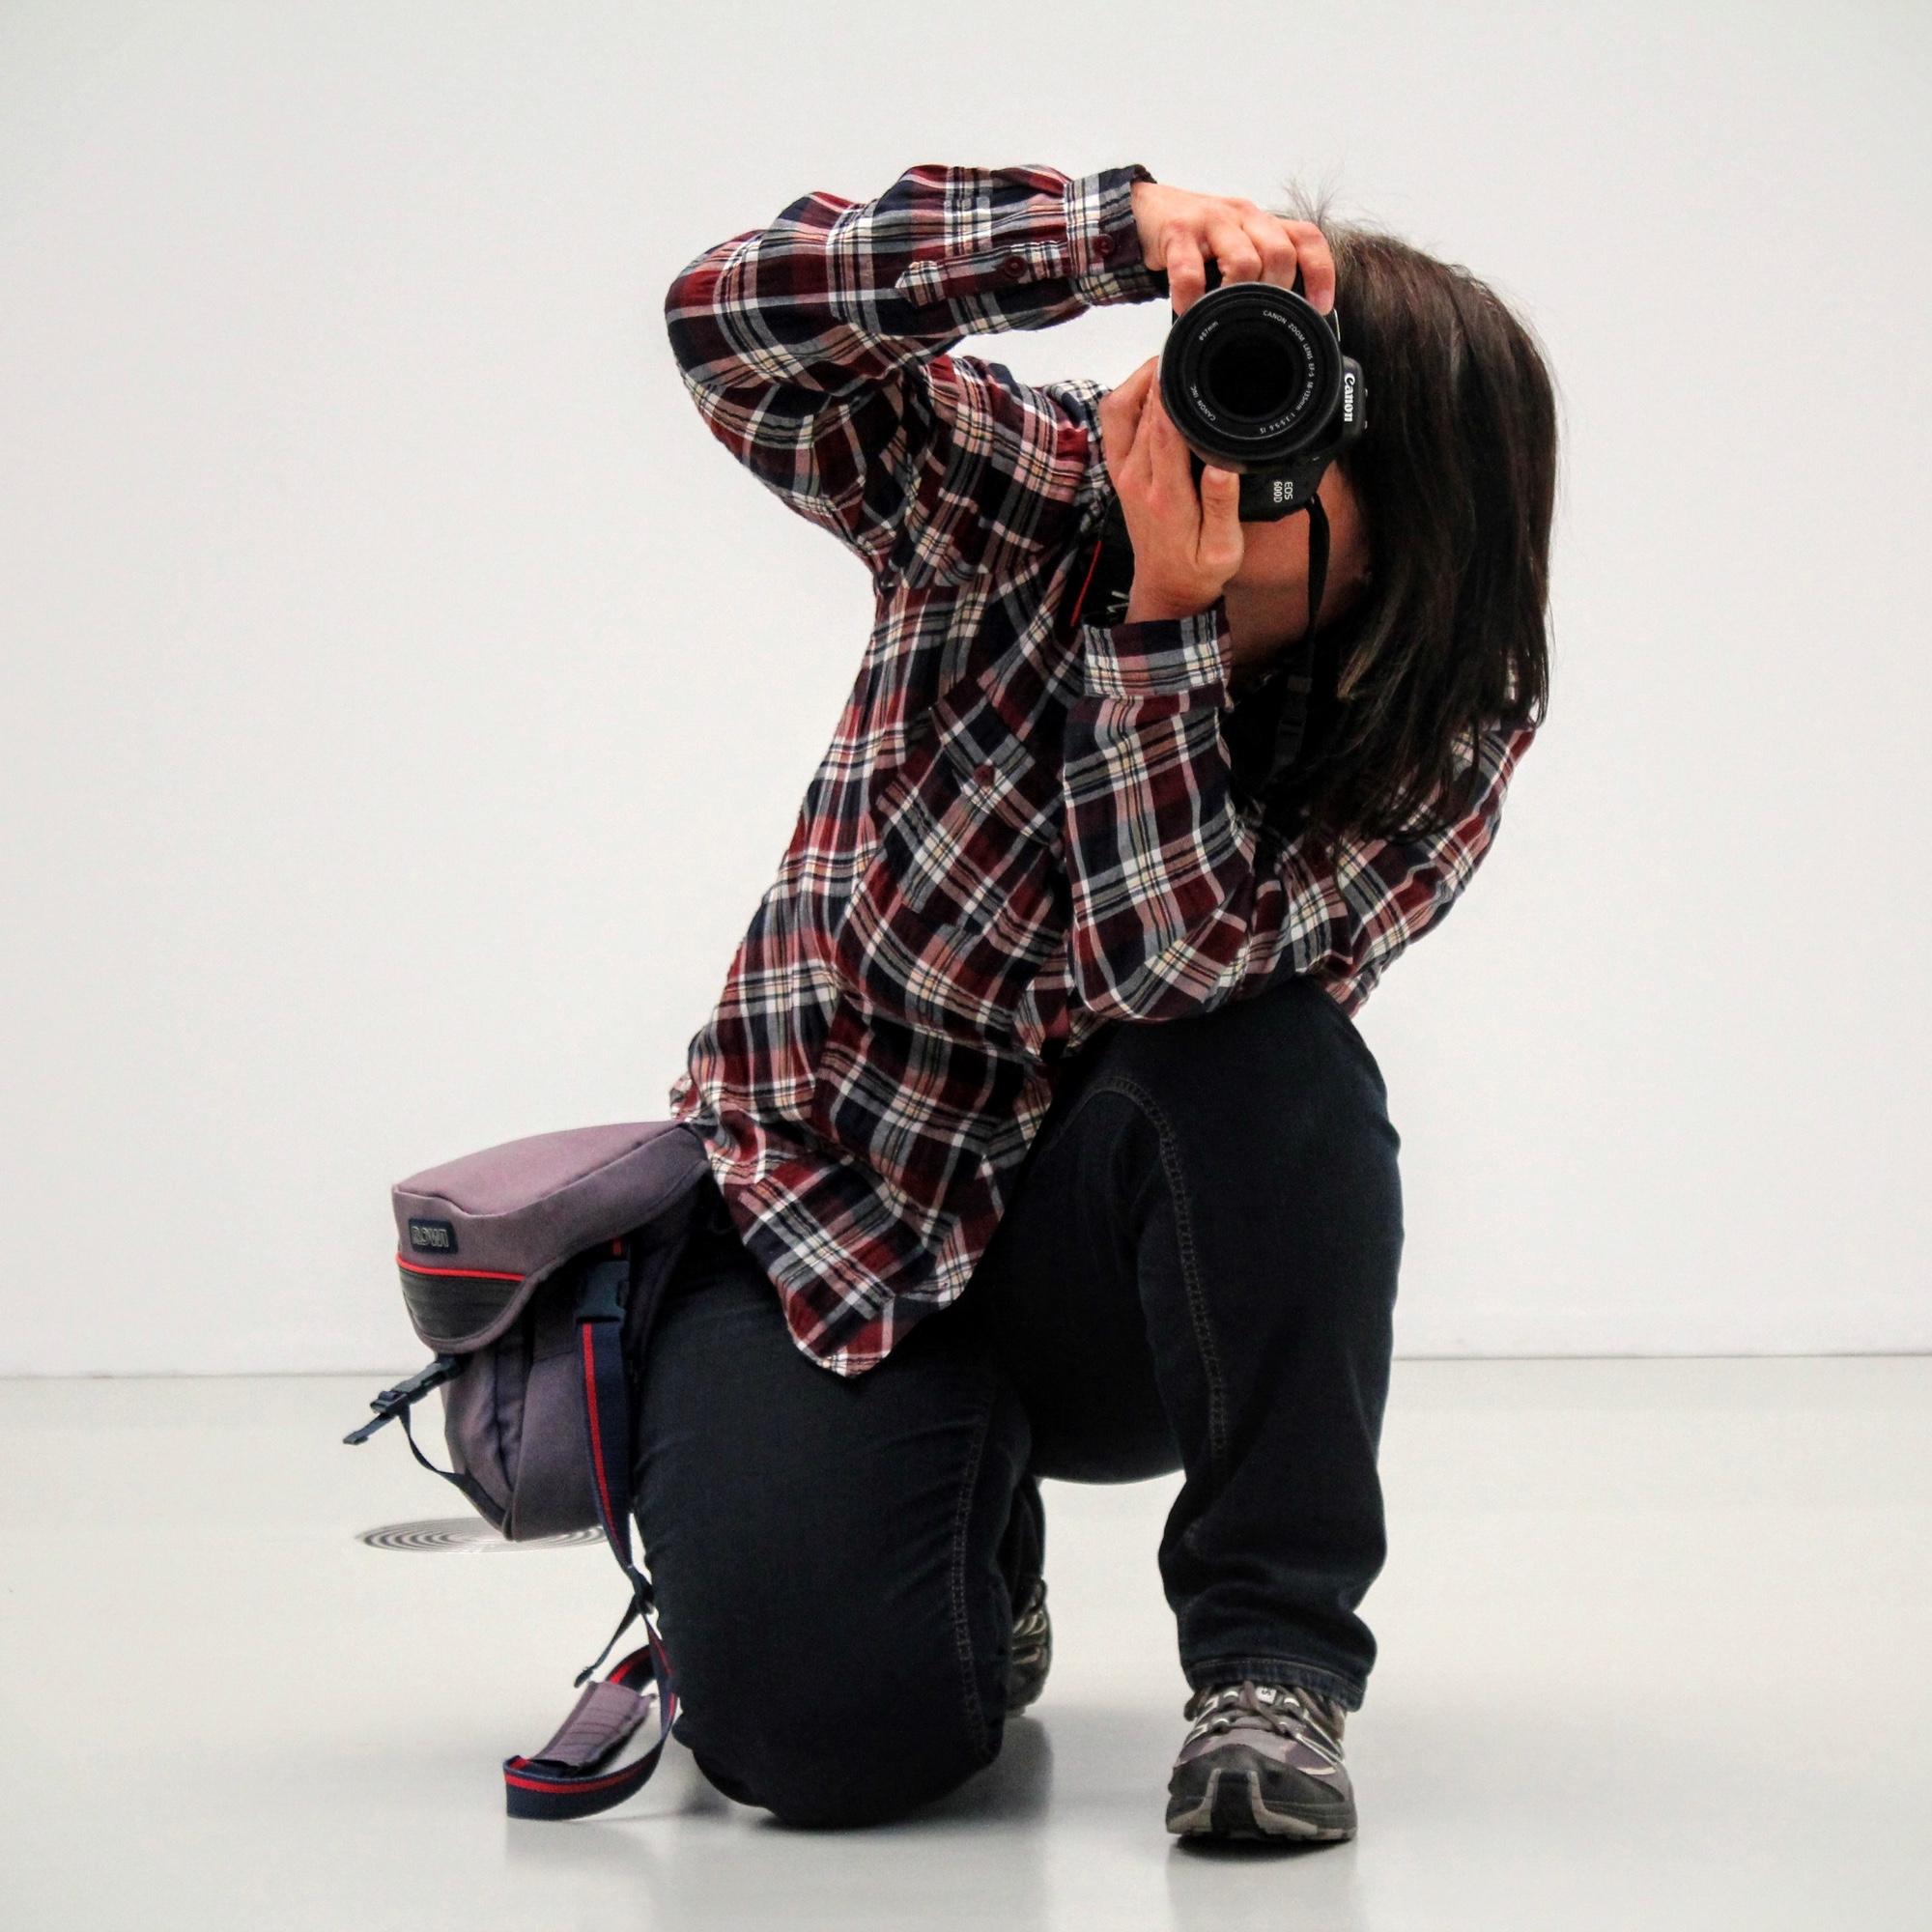 Foto: Fotografin, die kniet und eine Kamera for dem Gesicht hält